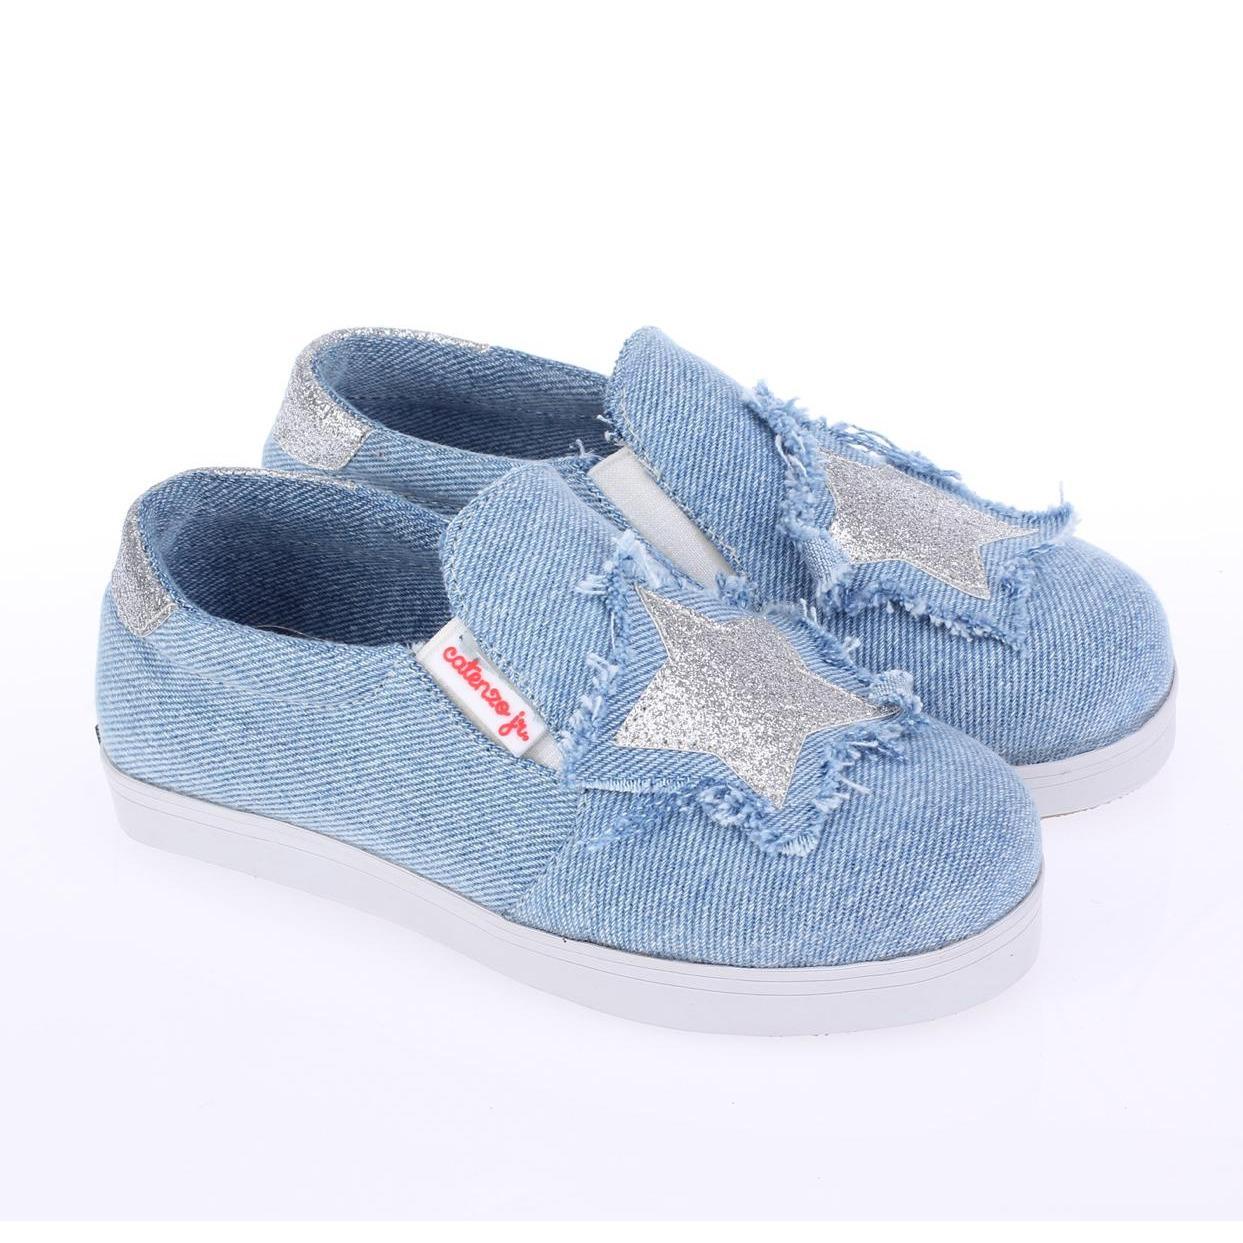 Harga Saya TrendiShoes Sepatu Anak Perempuan Cantik LNHK Pink Source · Sepatu Flat Balita 1 5thn